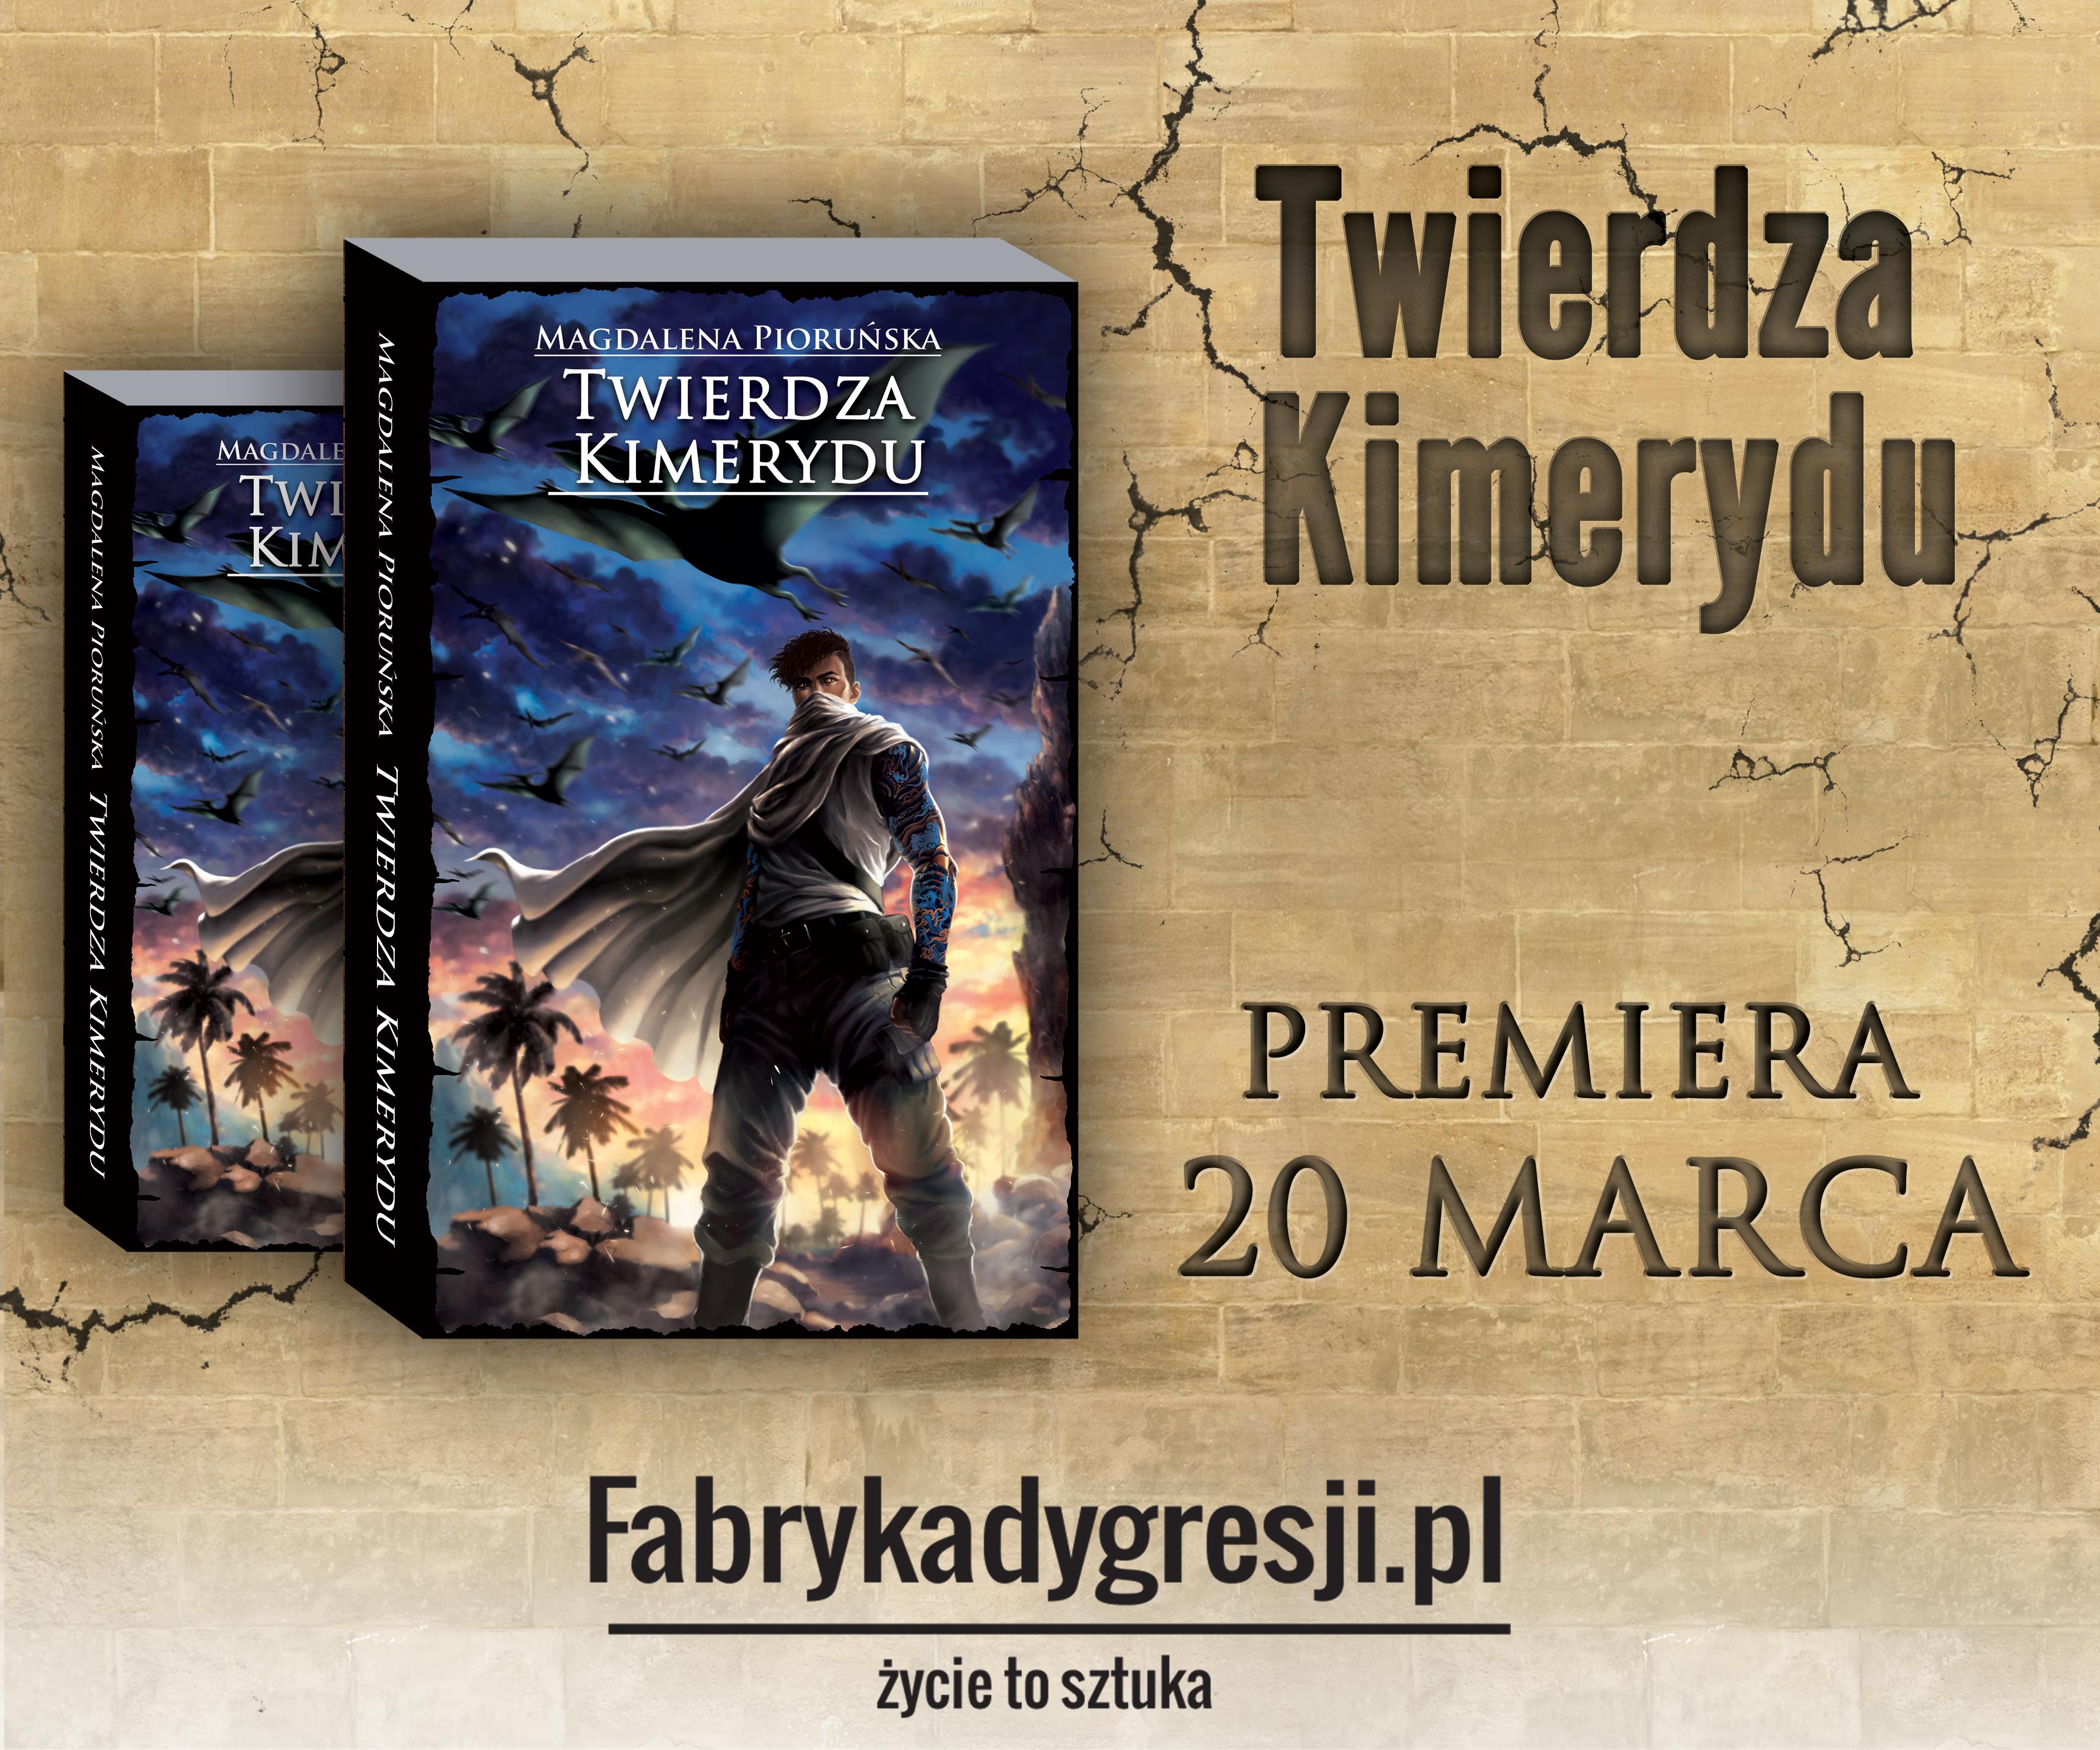 Twierdza Kimerydu – konkurs z okazji premiery książki!